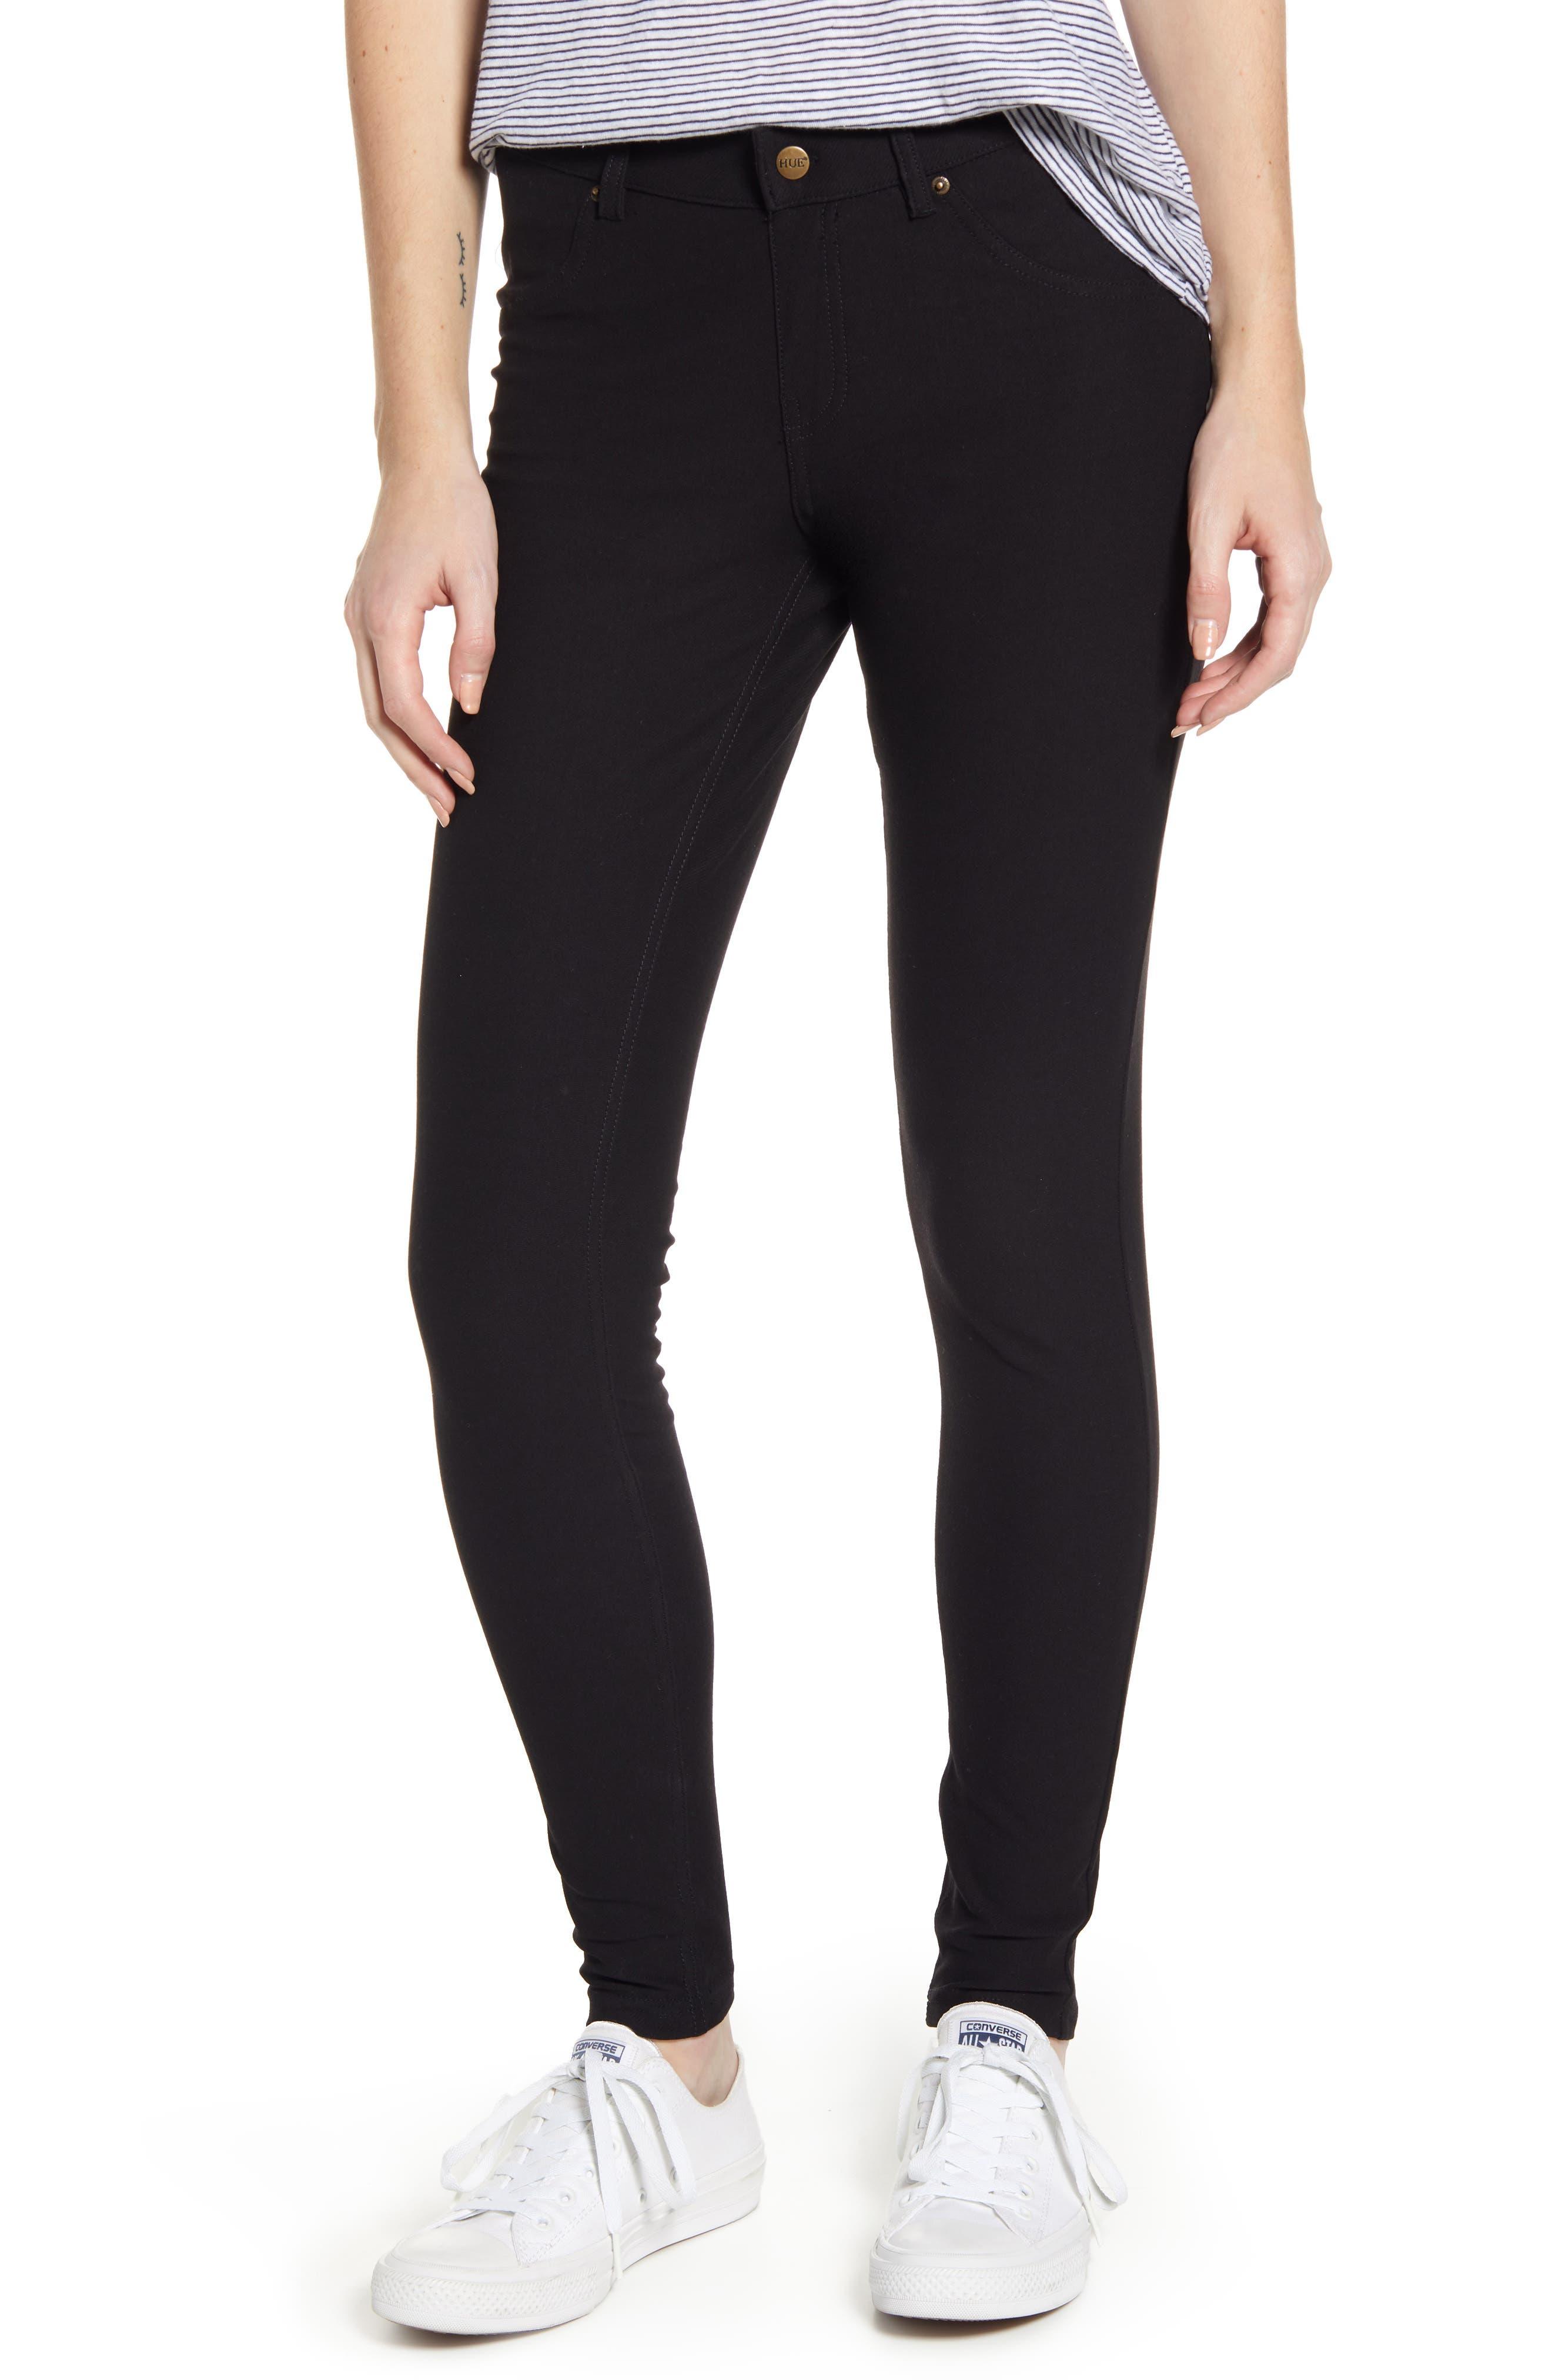 Plus Size Hue Essential Denim Leggings, Size - Black